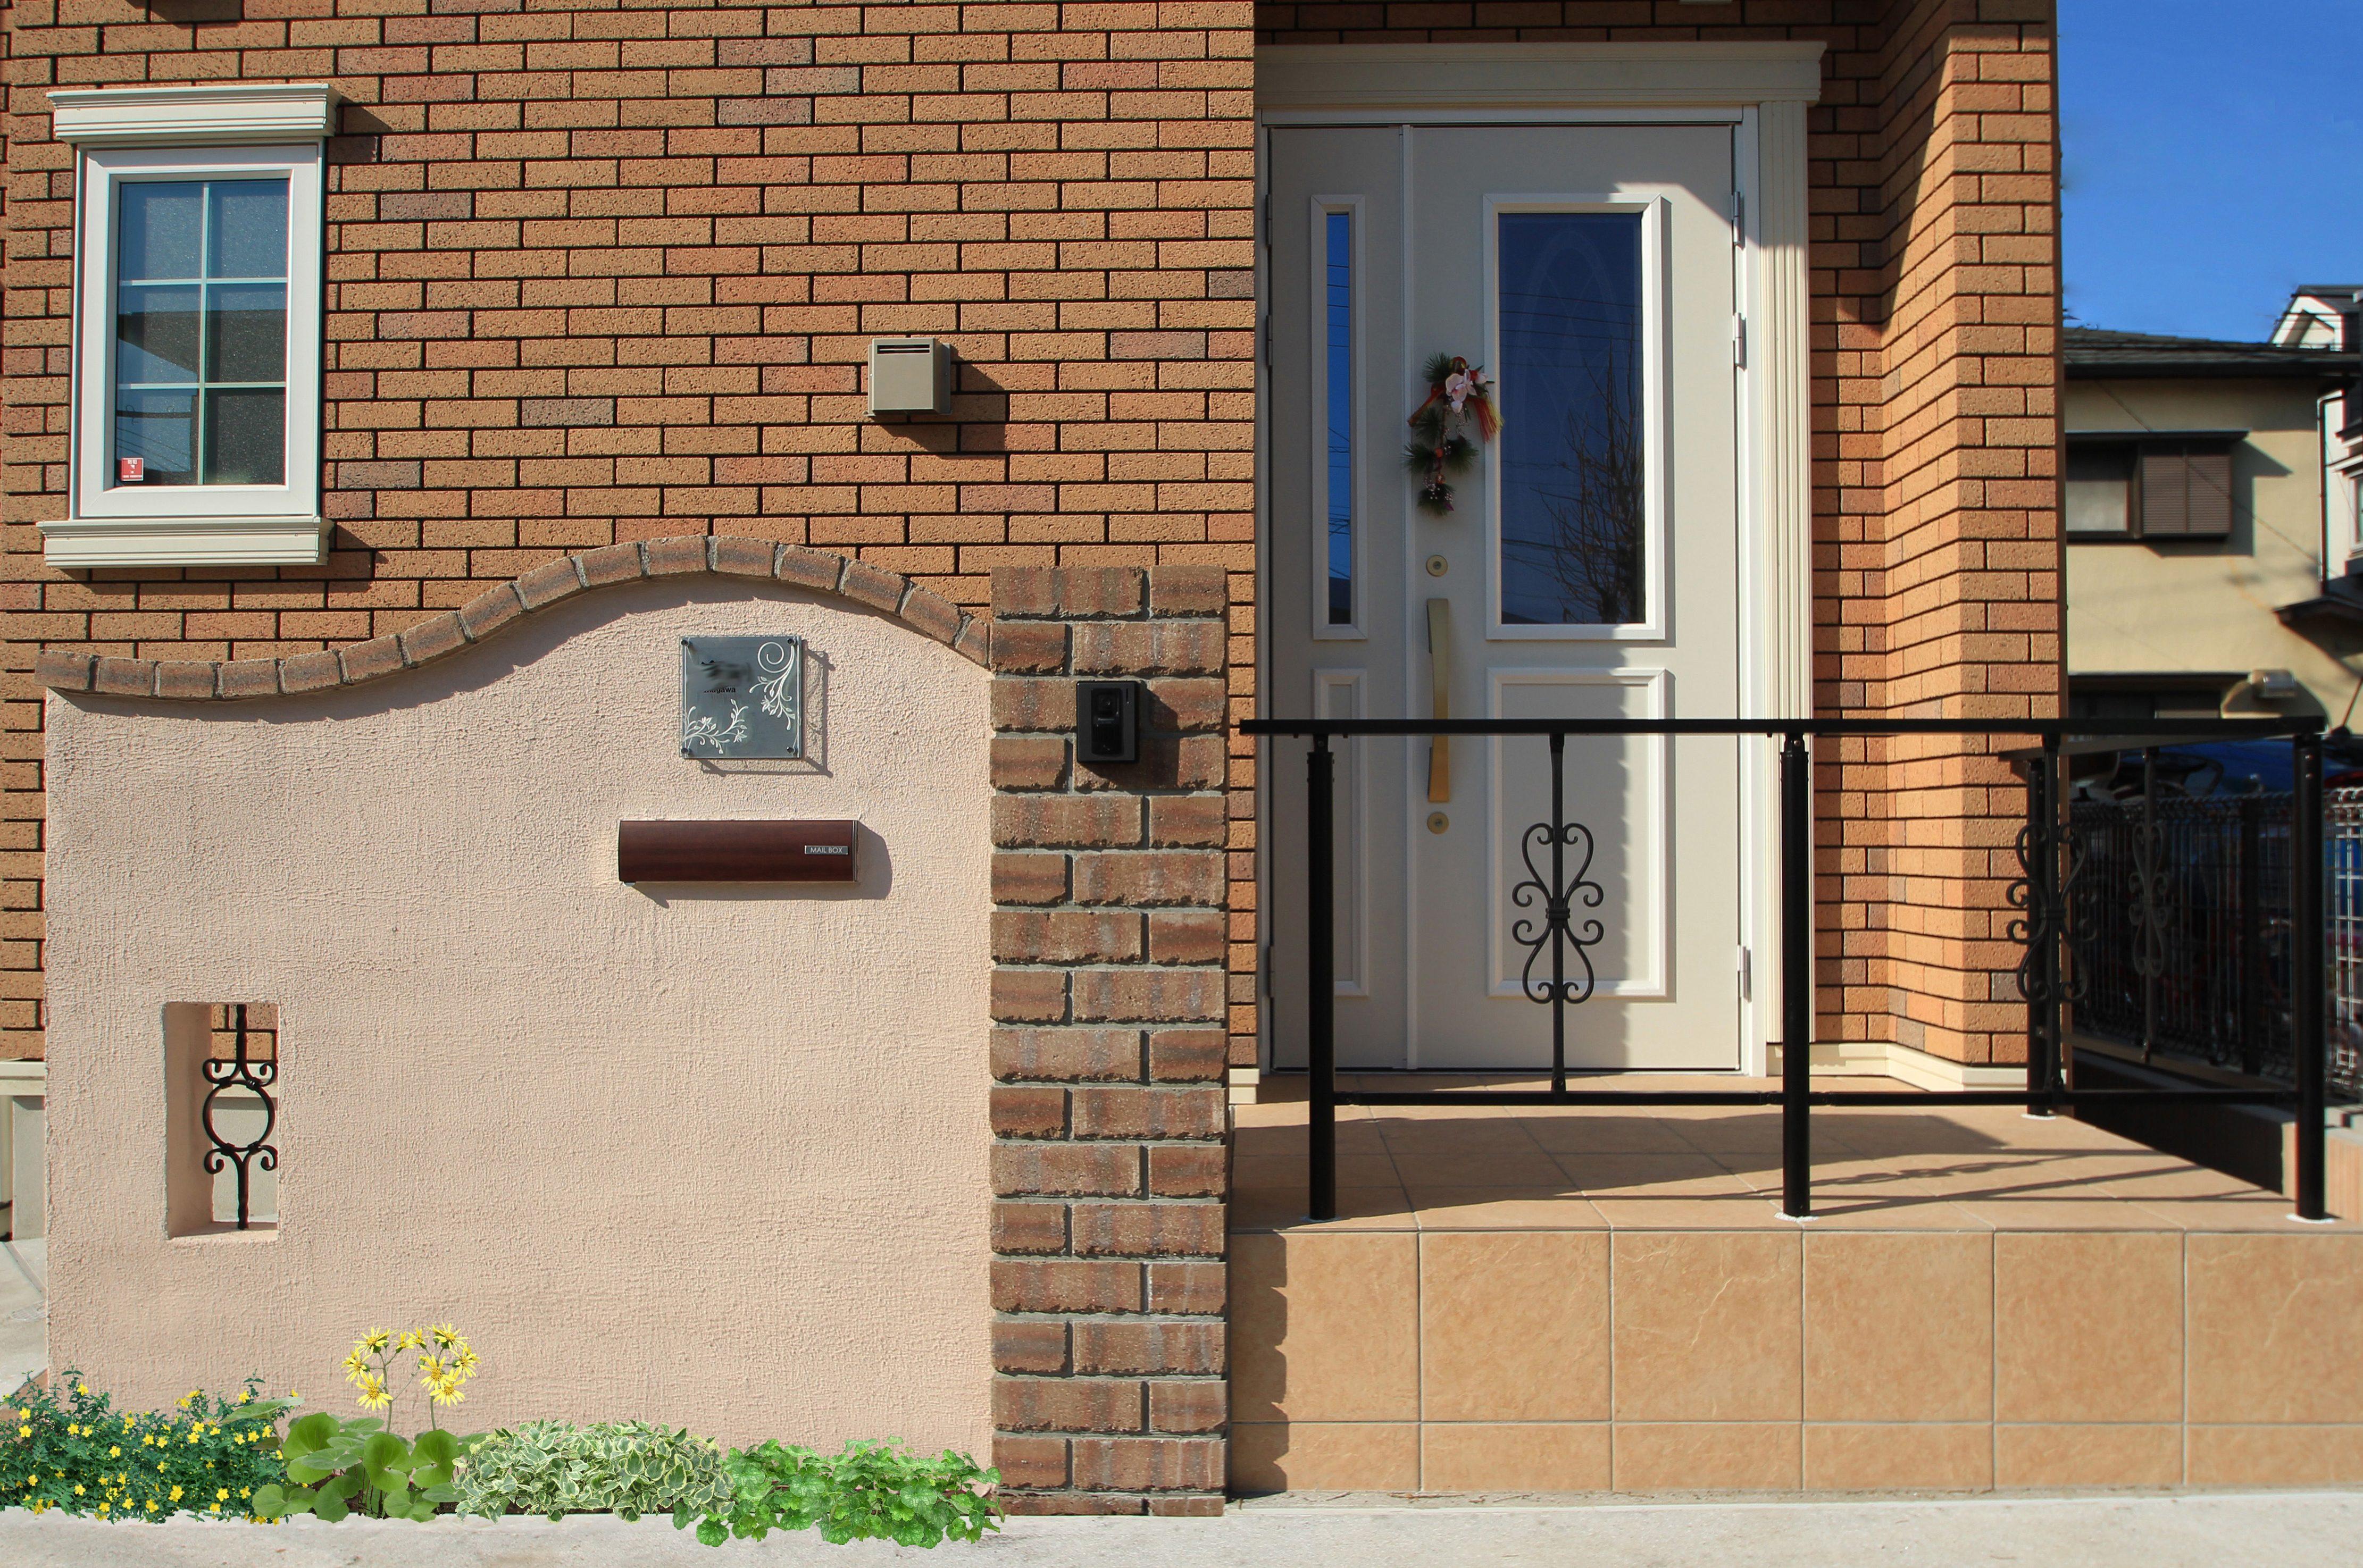 船橋市にて。<br>レンガのカーブがかわいい玄関廻り。9